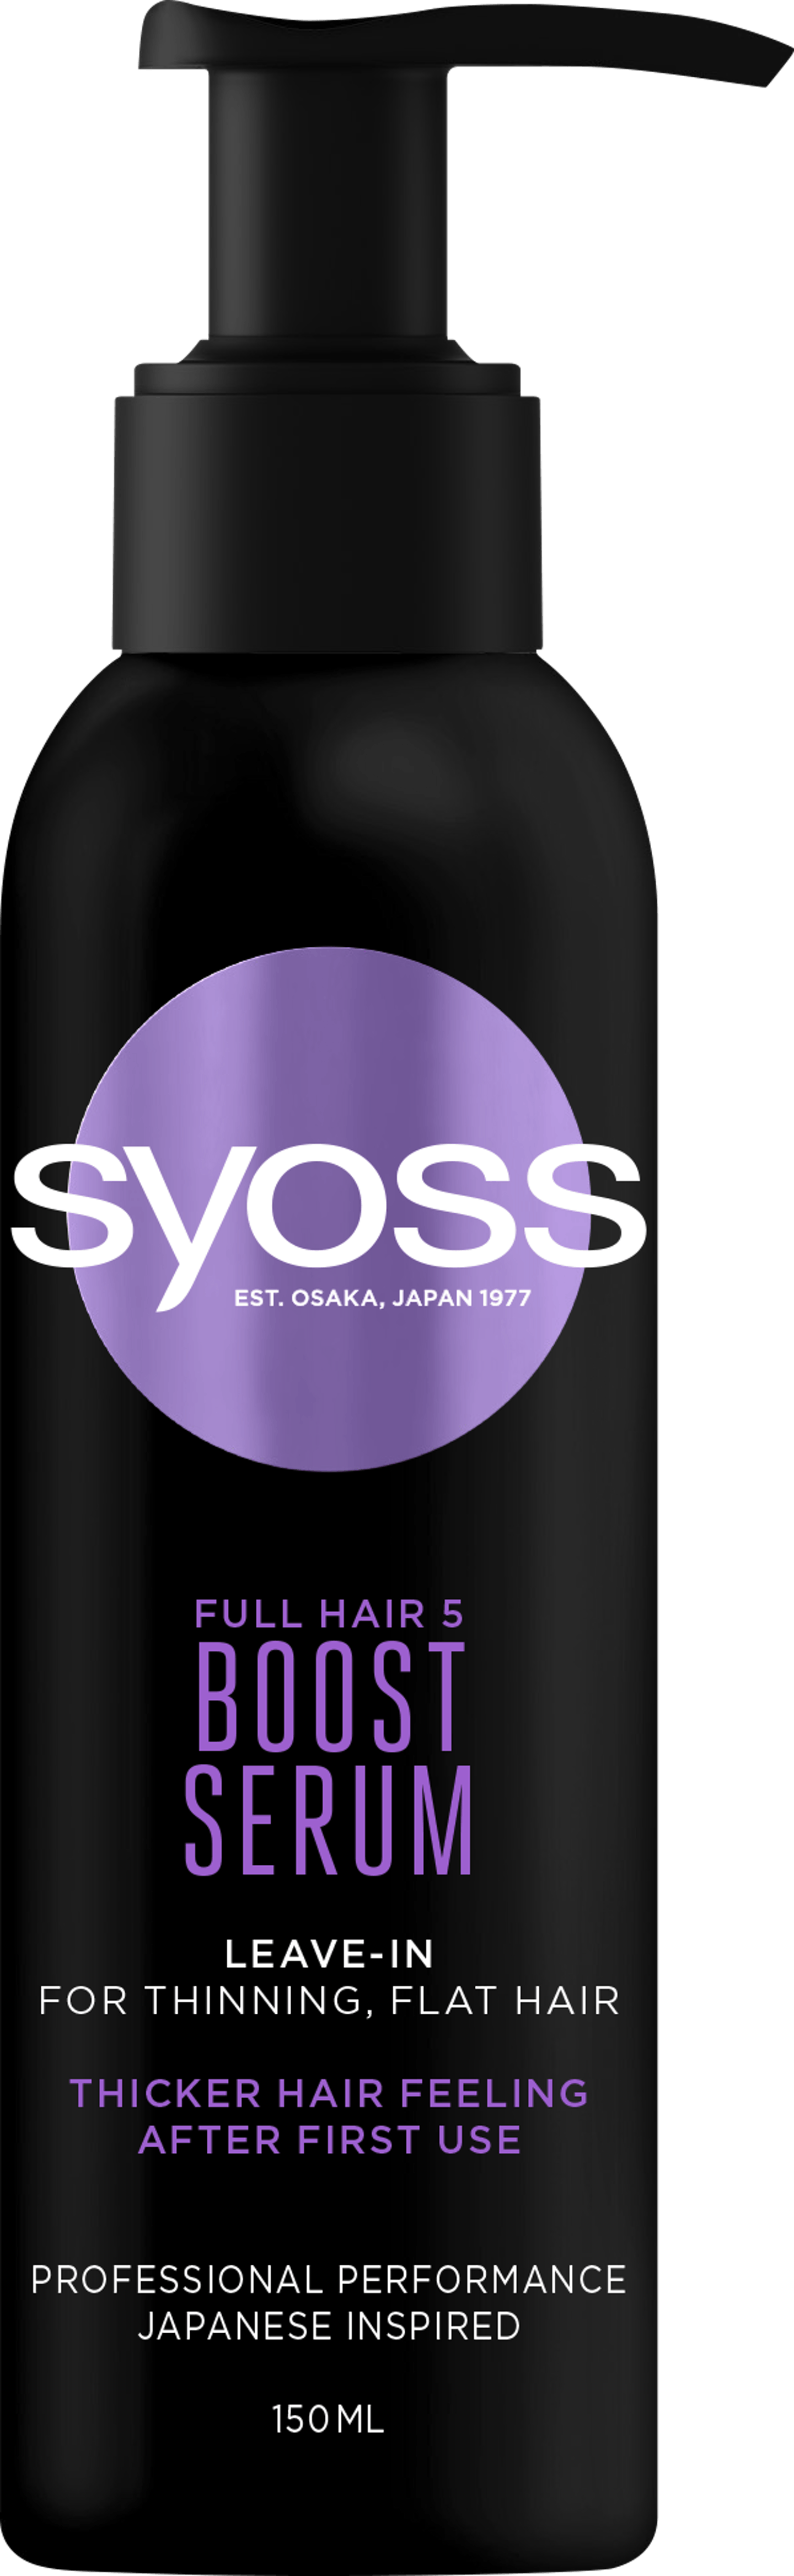 Full Hair 5 Boost Szérum Hajpakolás